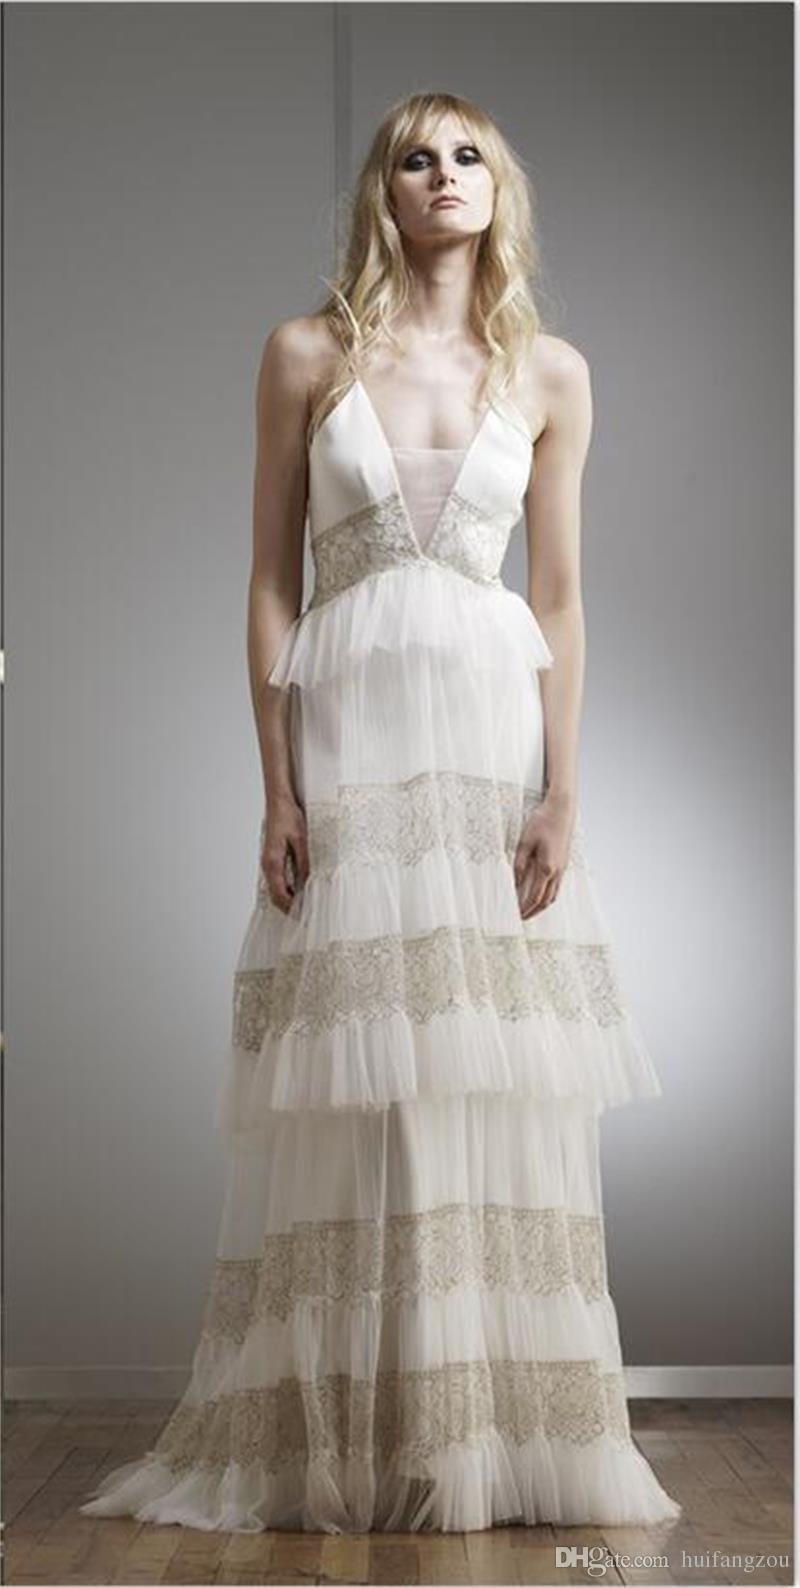 Frühling Böhmen Brautkleider tiefem V-Ausschnitt Spitze Applique Tiered Boden Länge Illusion Beach Boho Hochzeitskleid Brautkleider nach Maß